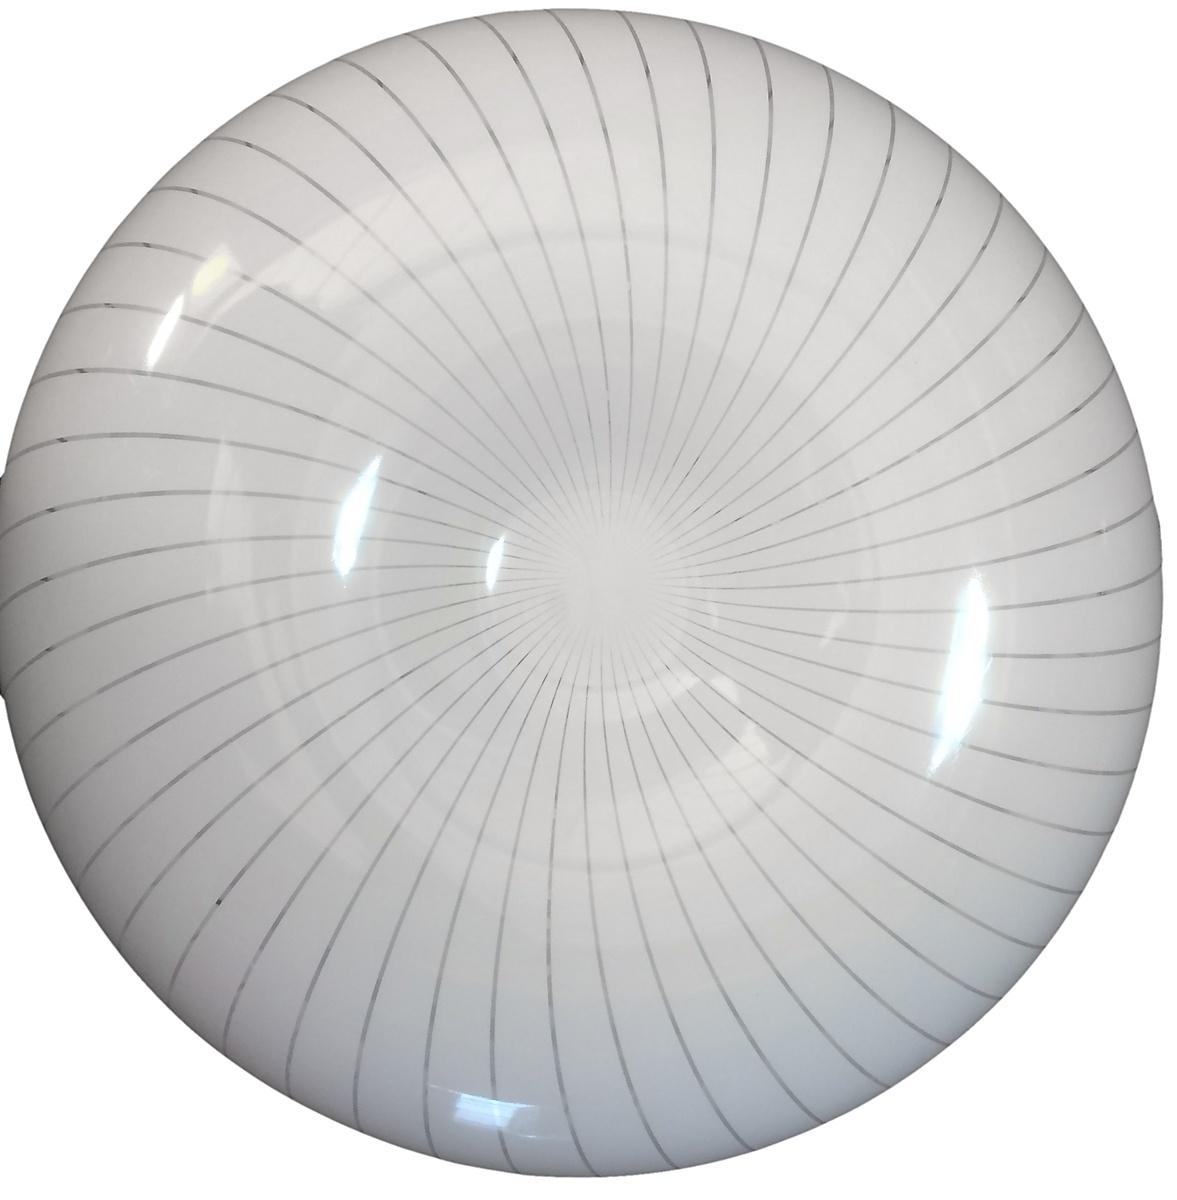 Потолочный светильник ULTRALIGHT 6018d395, светло-серый потолочный светильник лампландия edmon светло серый